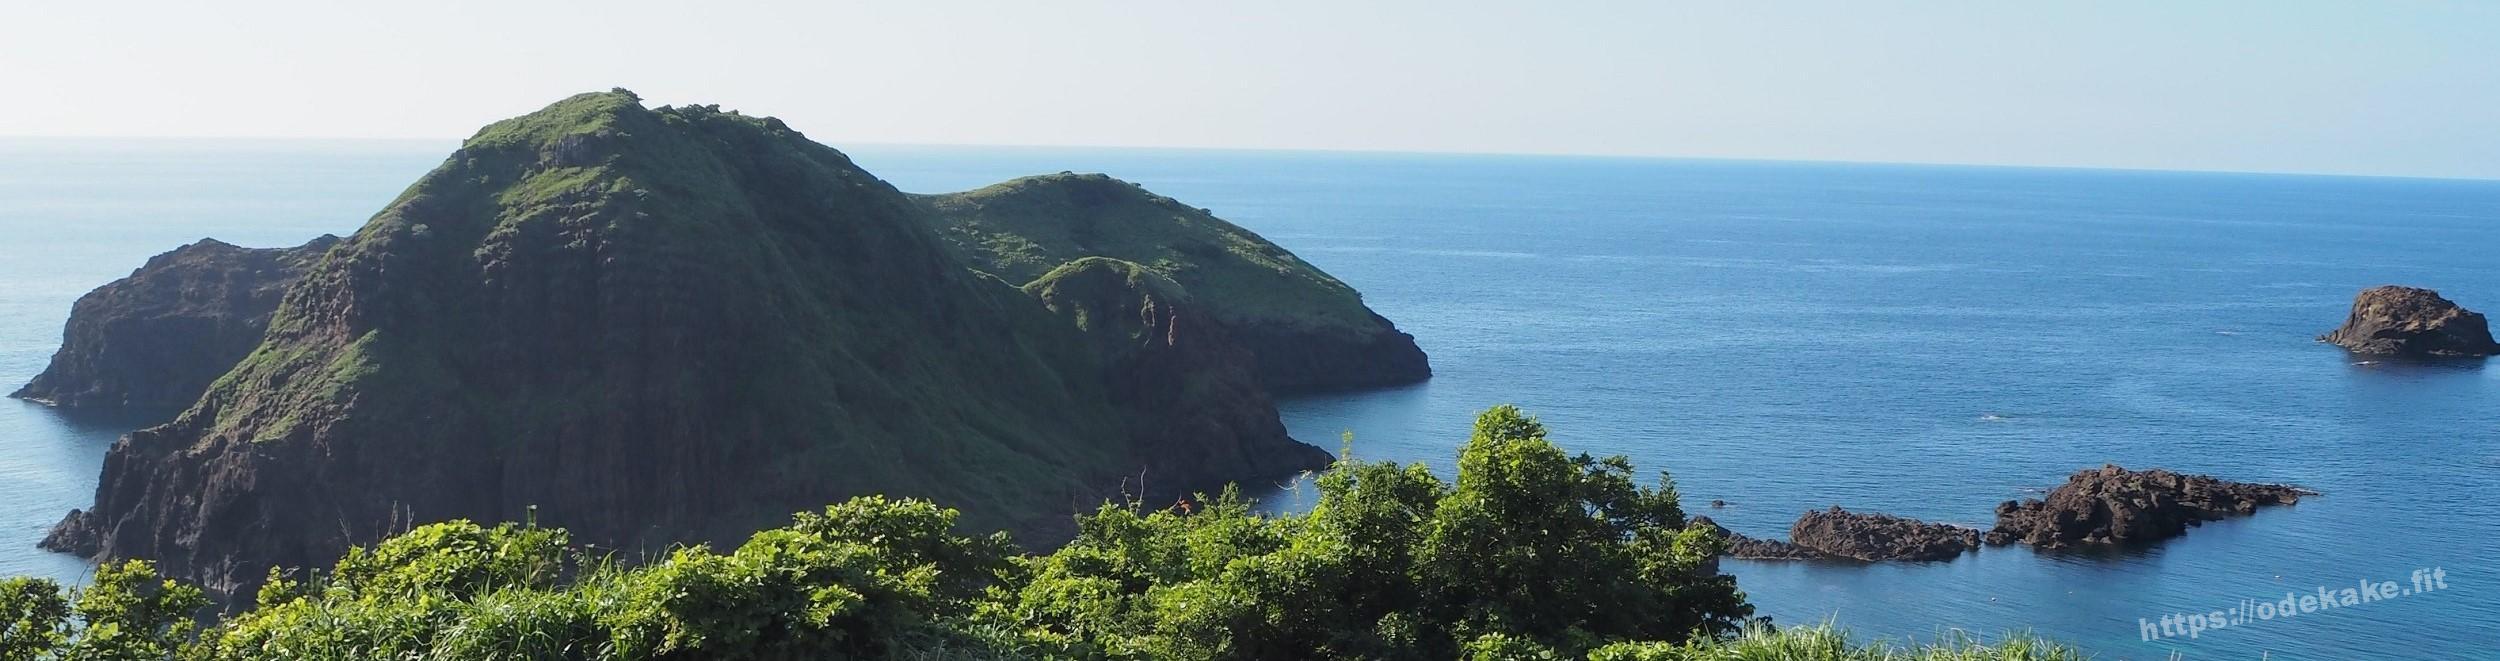 【佐渡】二ツ亀は超絶景で、よかったです!神々しい島×透明な海の写真集